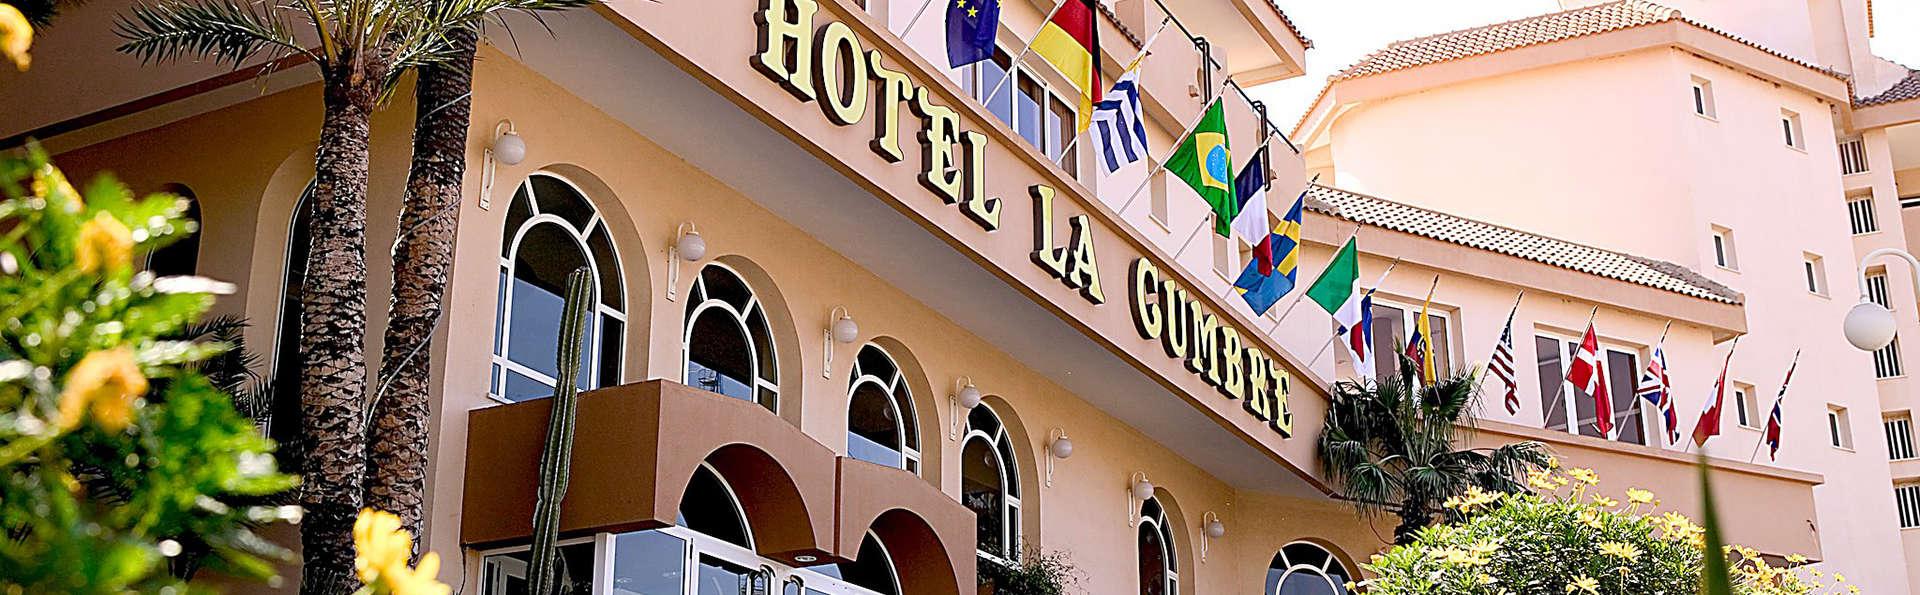 Hotel La Cumbre - Edit_front2.jpg